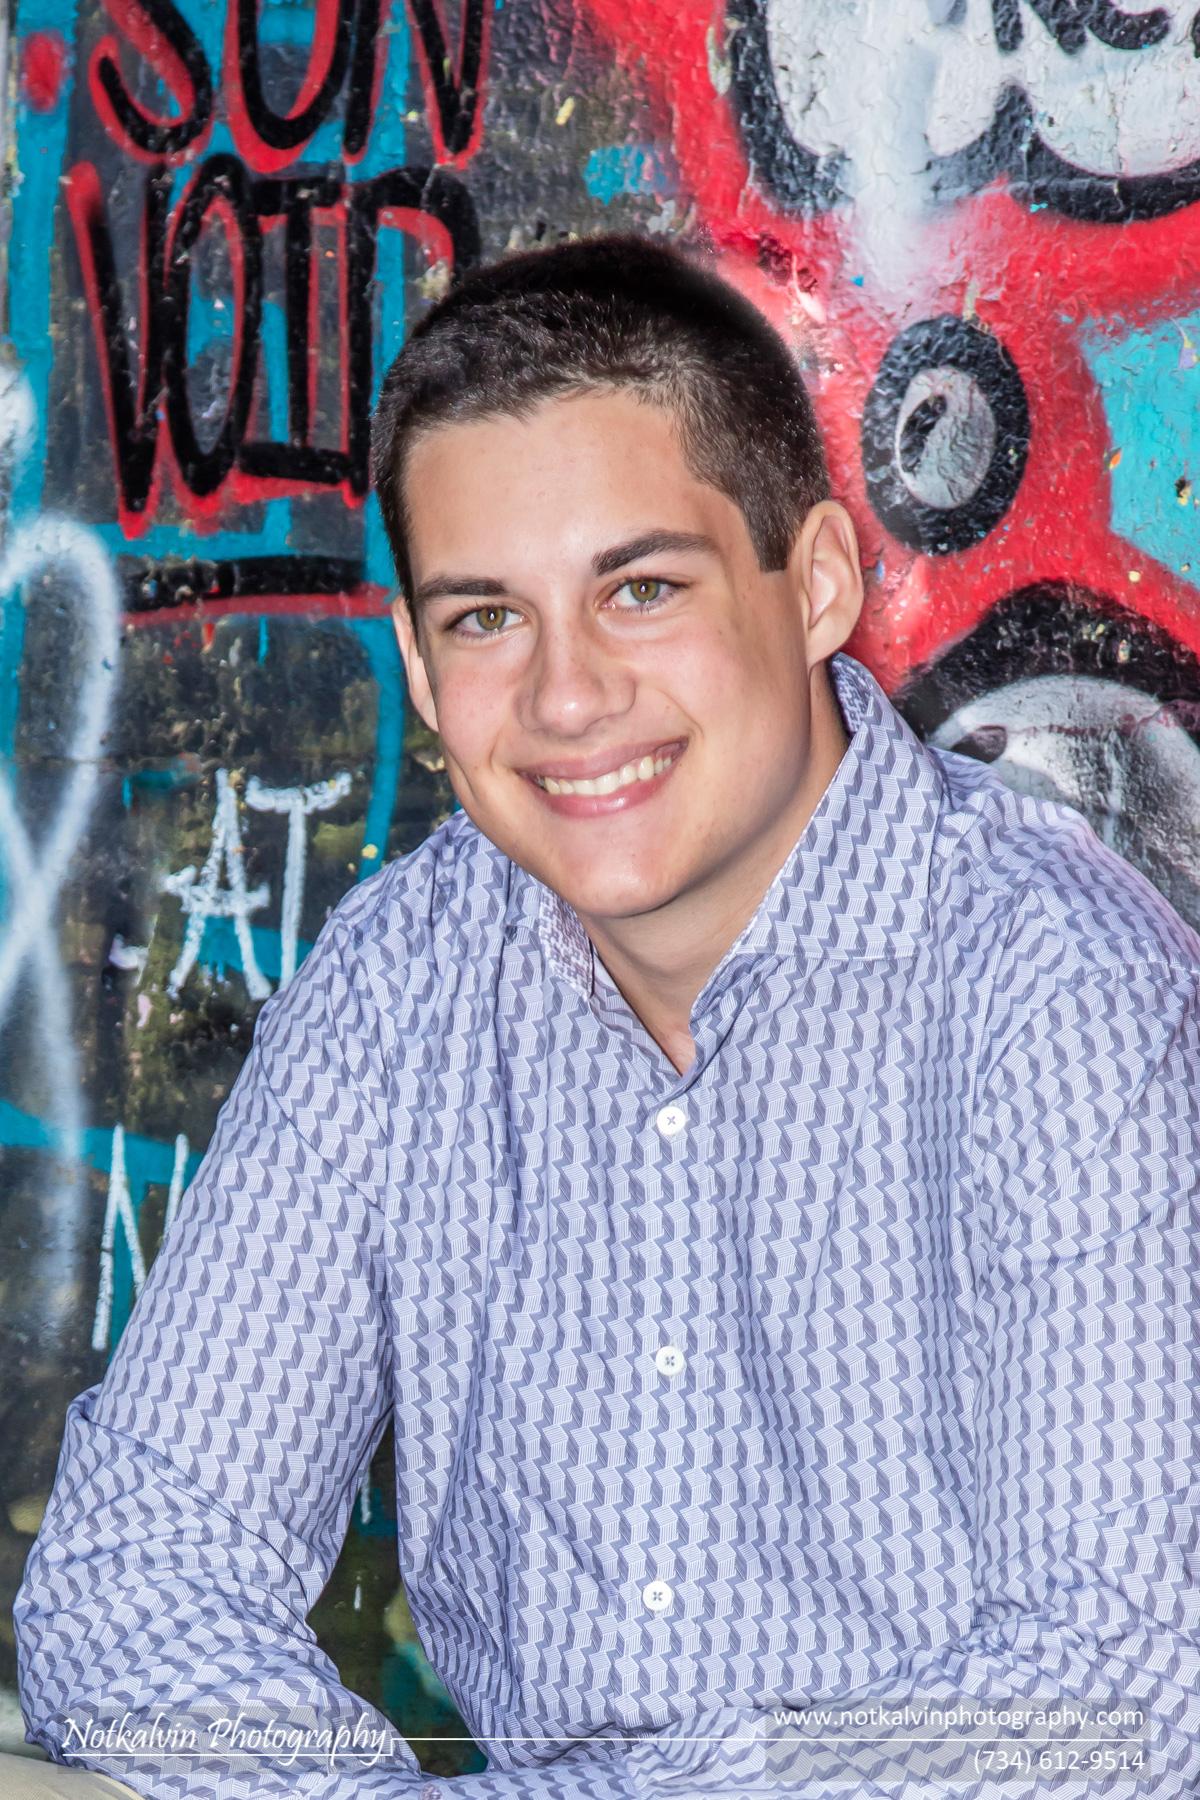 Michael Linderman - 1z3a4833